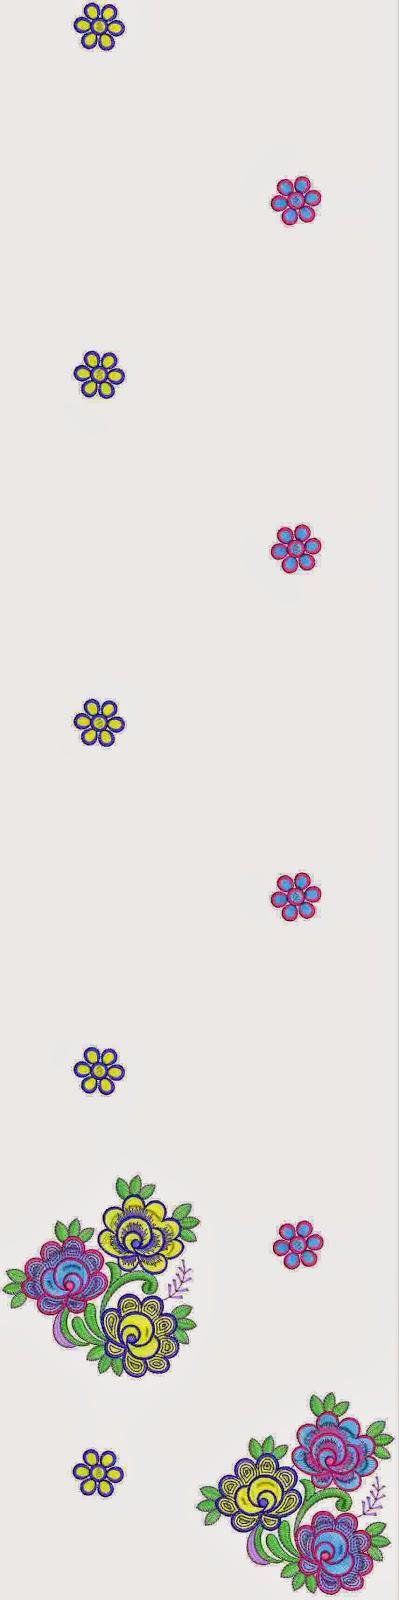 glansryke ontwerp van Multi Sari patroon